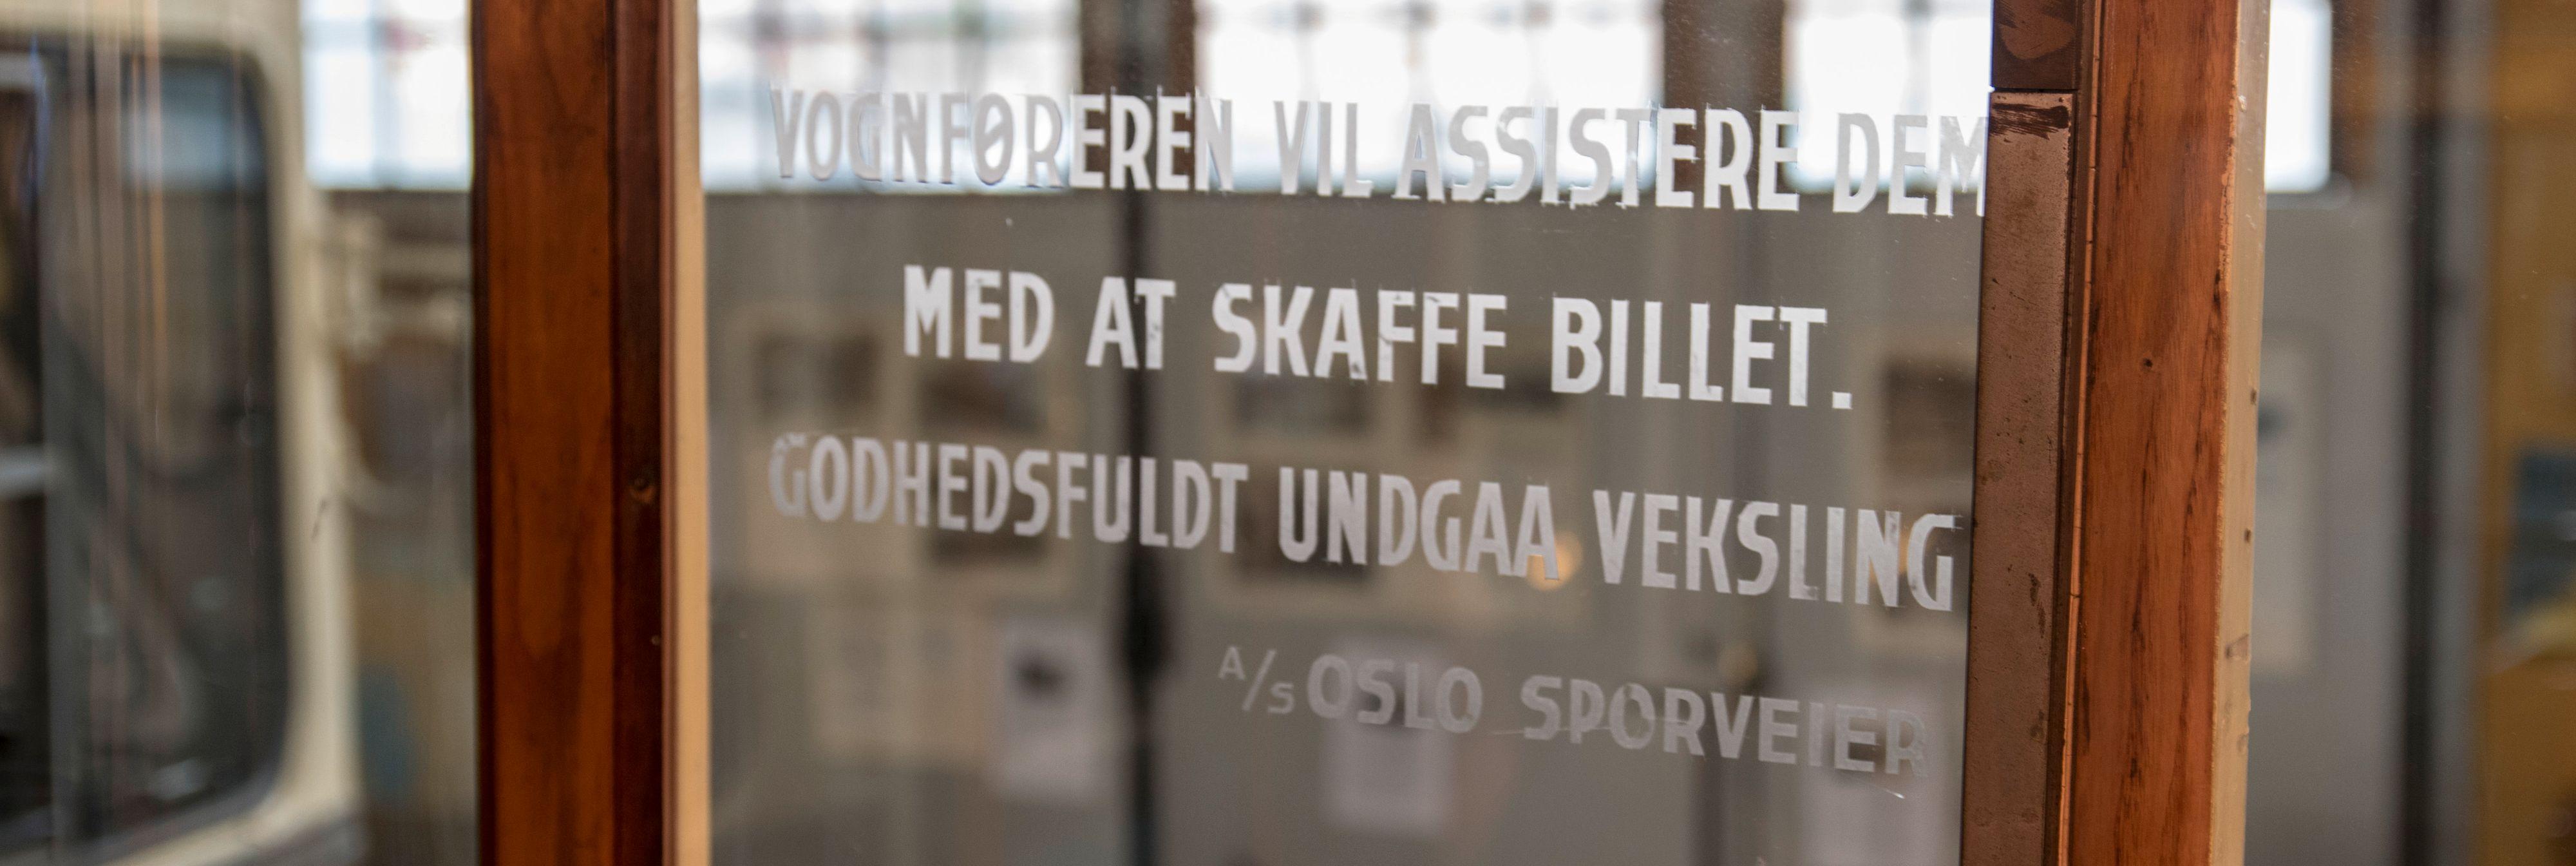 Vi tok turen innom Sporveismuséet på Majorstua i Oslo. Den gamle vognhallen skjuler kollektivtrafikkhistorie som går langt tilbake i tid. Foto: Finn Jarle Kvalheim, Tek.no